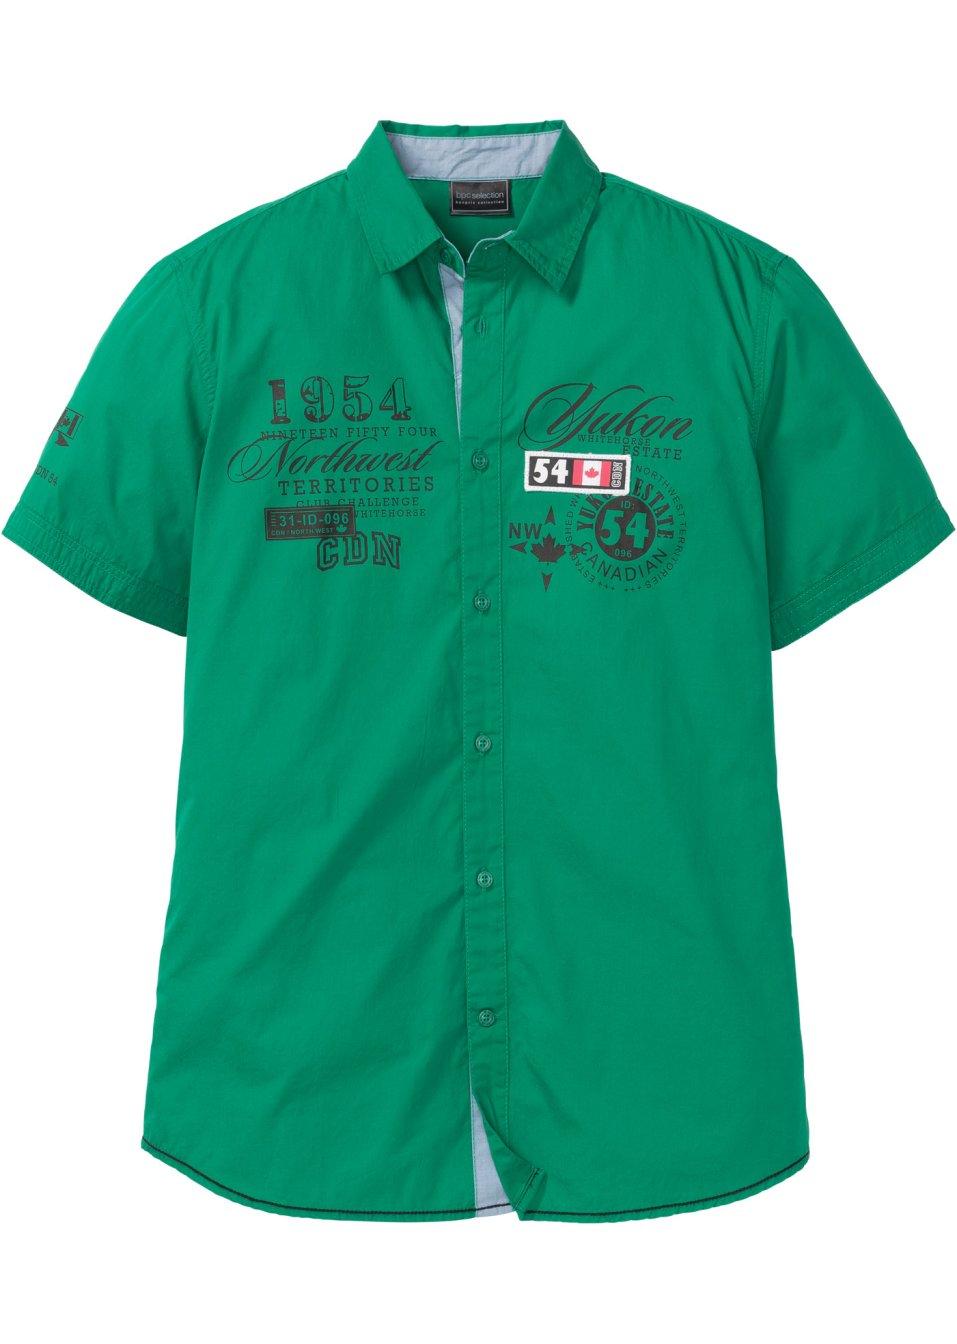 Sportives Kurzarmhemd mit Verzierungen - minzegrün p7bs4 KGkmc